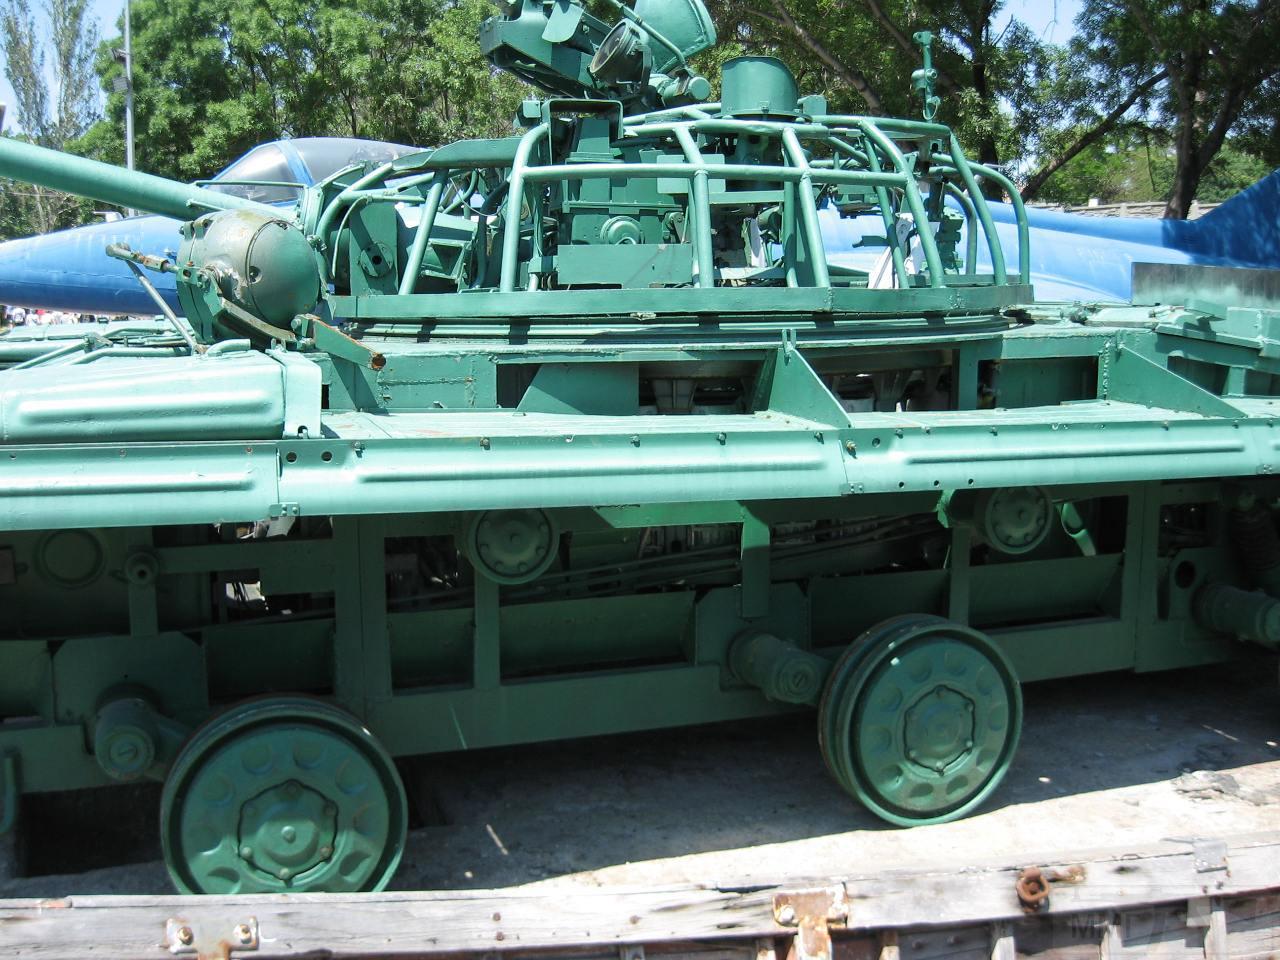 11021 - Немецкая артиллерия Севастополь 2011